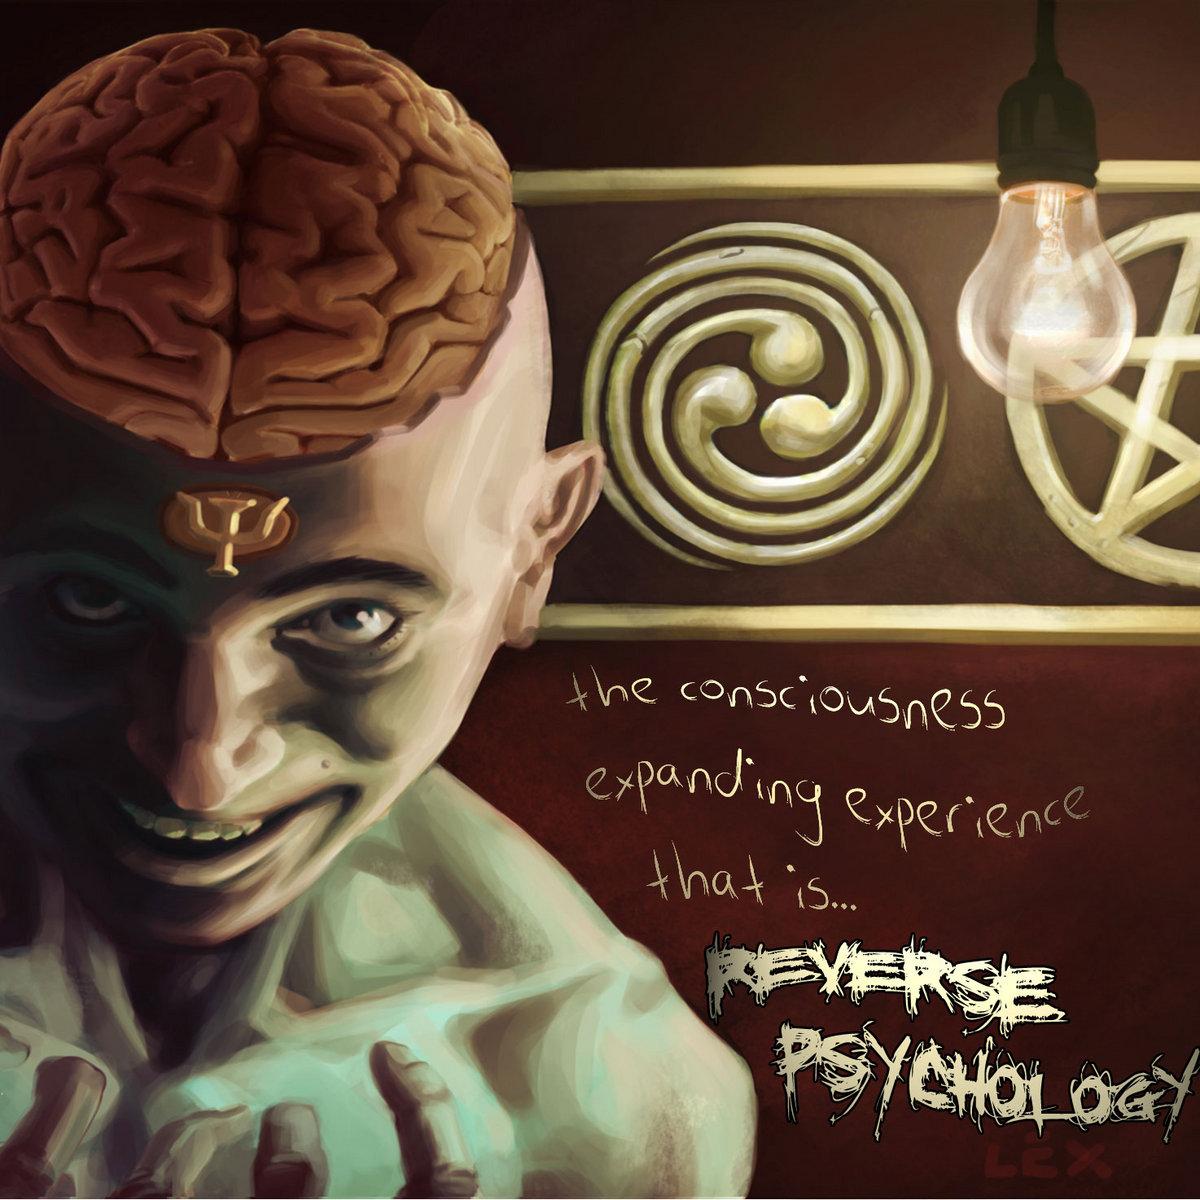 reverse psychology by themin - photo #40